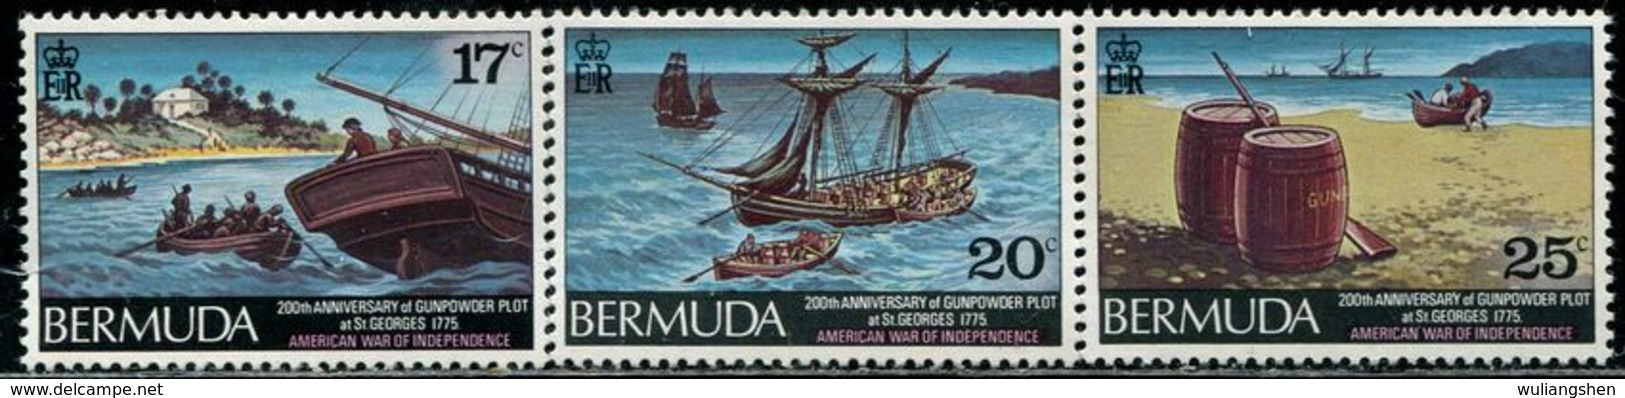 AF0906 Bermuda 1975 Expedition Ship, Etc. 3V MNH - Sonstige - Europa